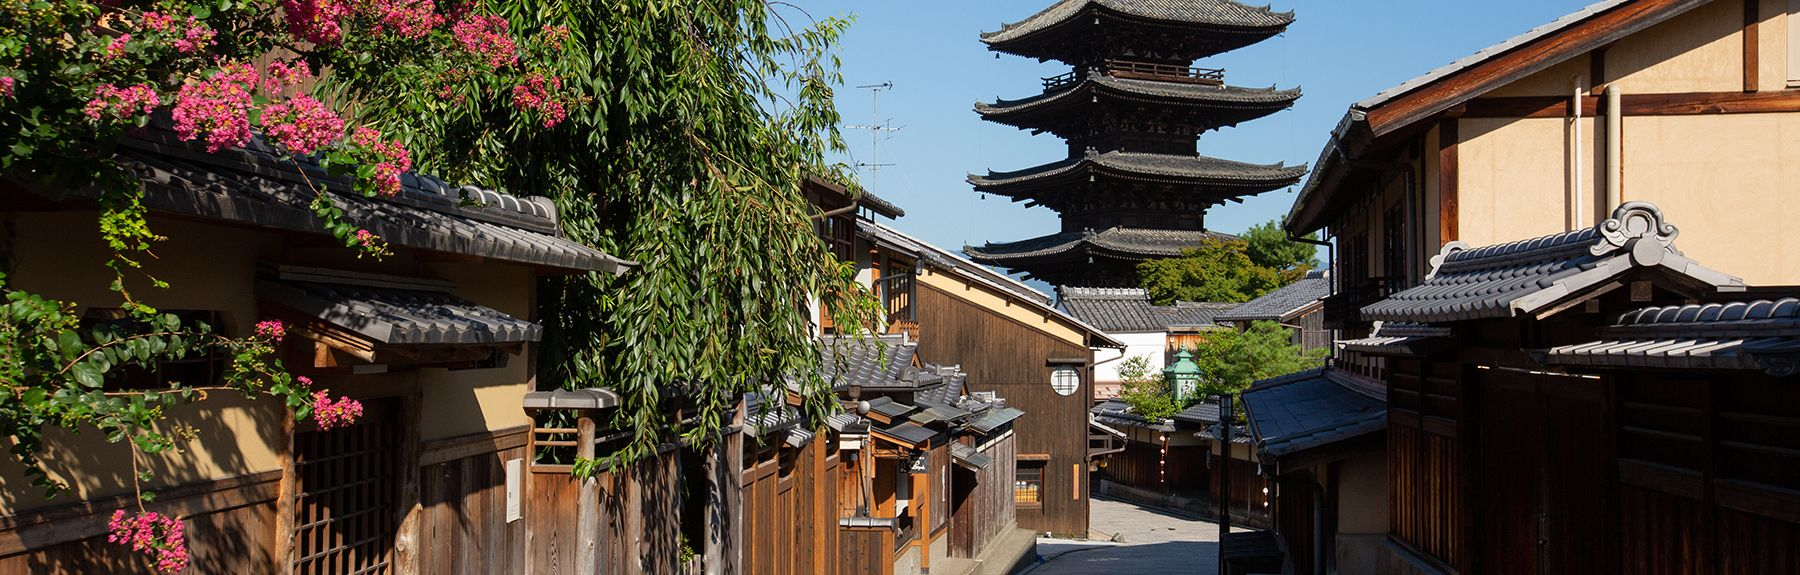 Shimogyo Ward, Kyoto, Kyoto Prefecture, Japan